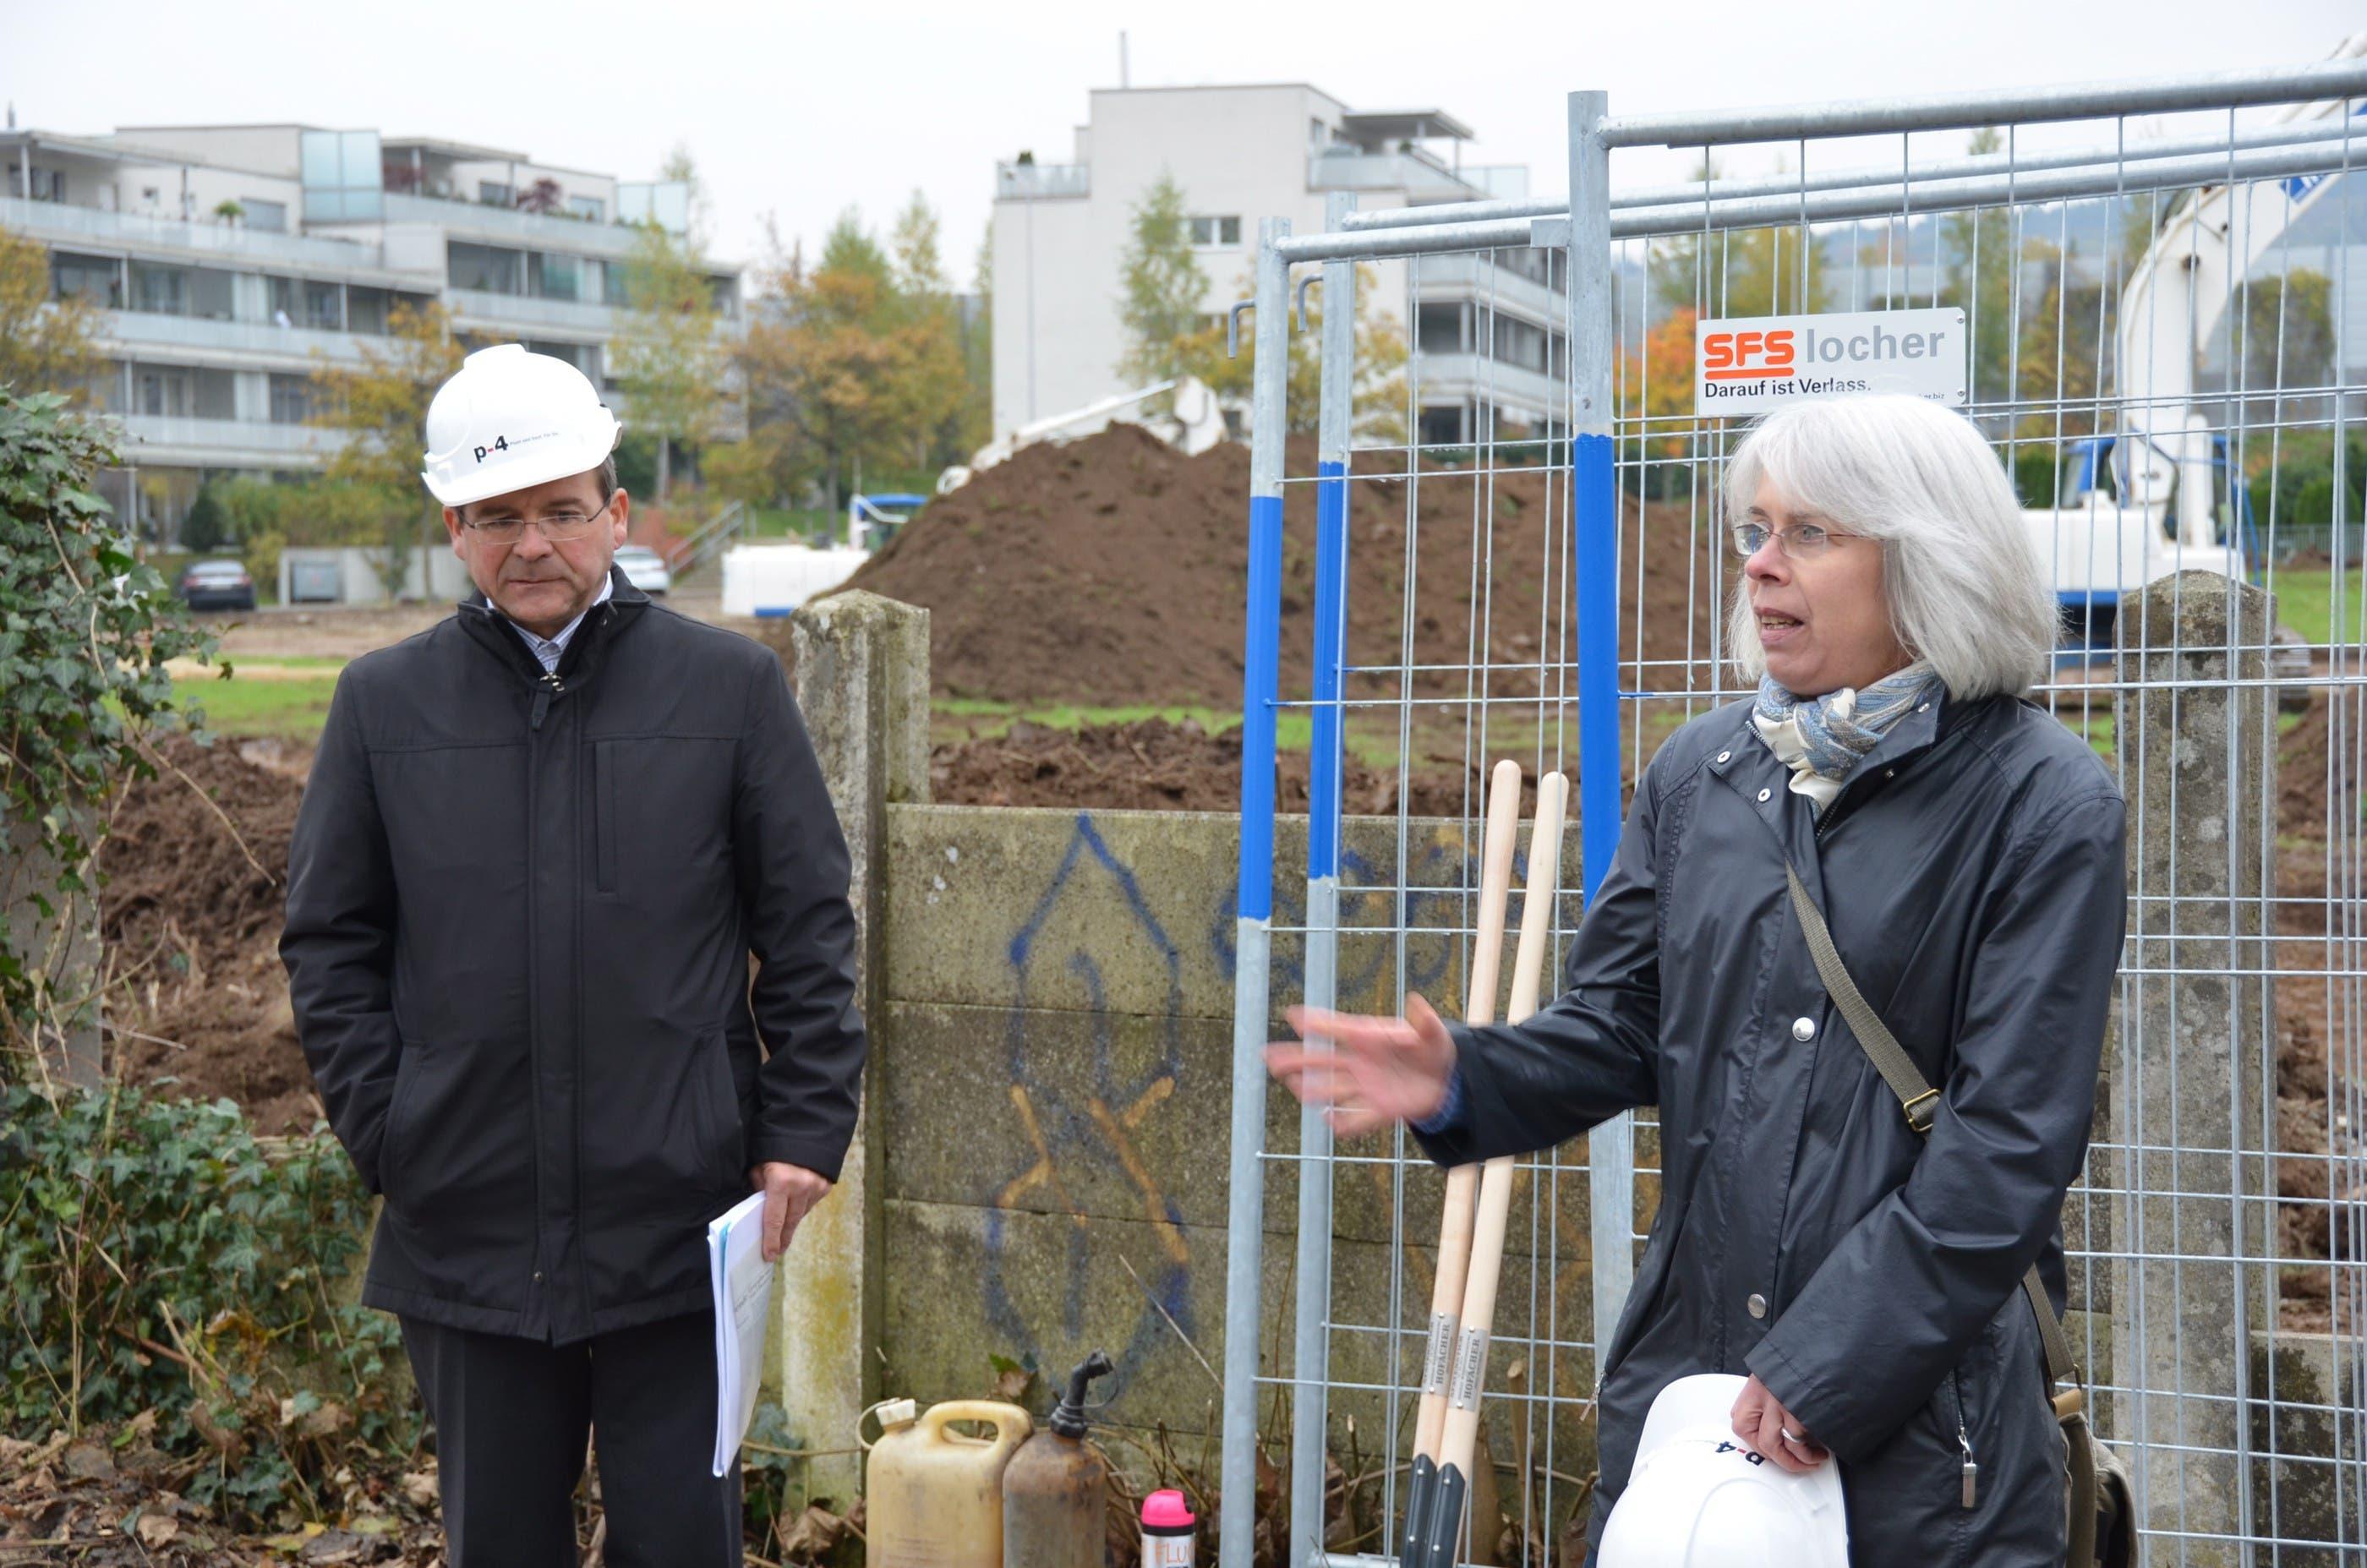 Lisbeth Weibel ist mit ihrem Bruder Grundeigentümerin des Grundstücks. Hier neben dem Präsidenten der Bep, Kurt Altenburger.